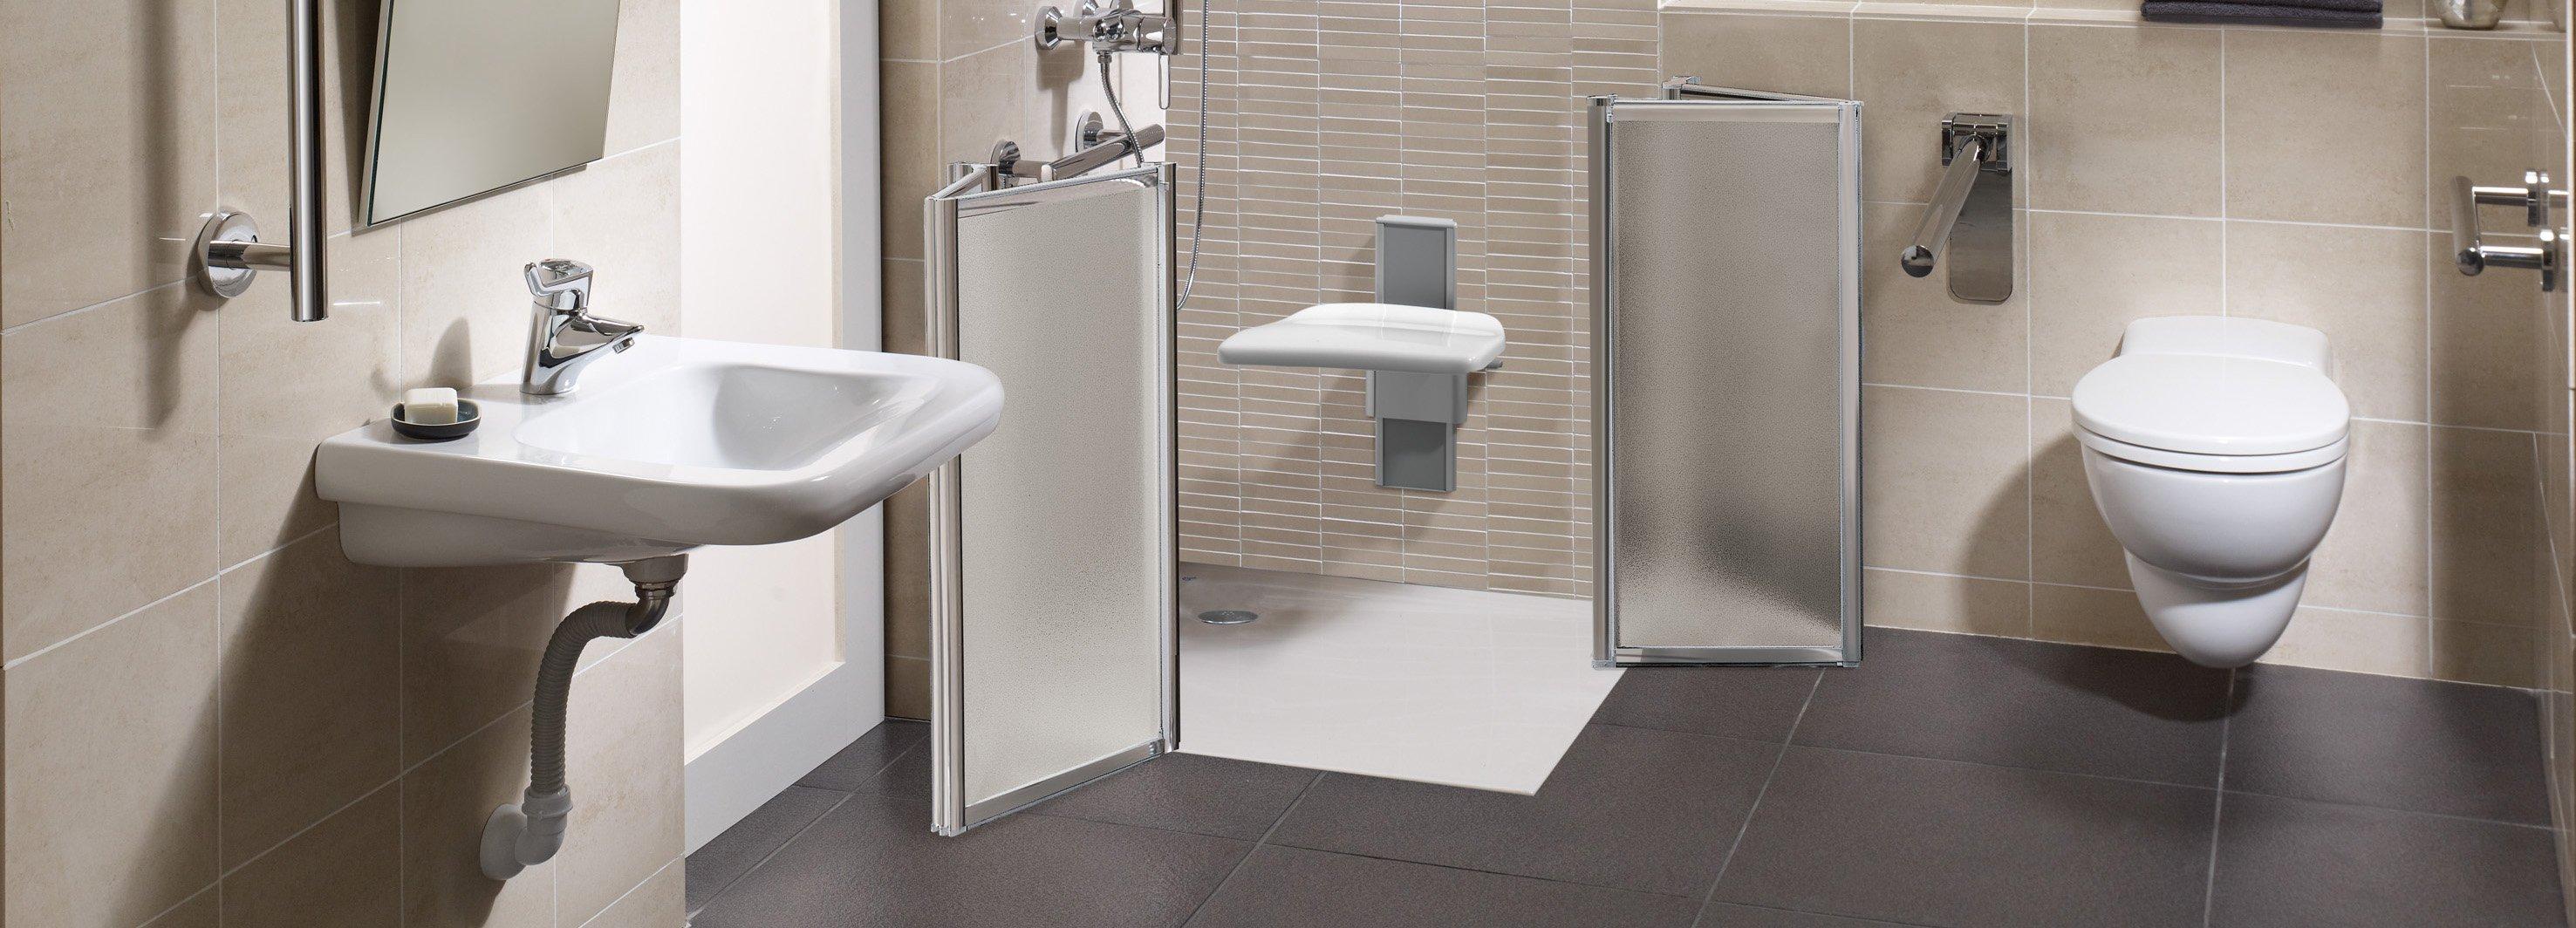 Un bagno pi comodo anche per anziani e disabili cose for Bagni belli